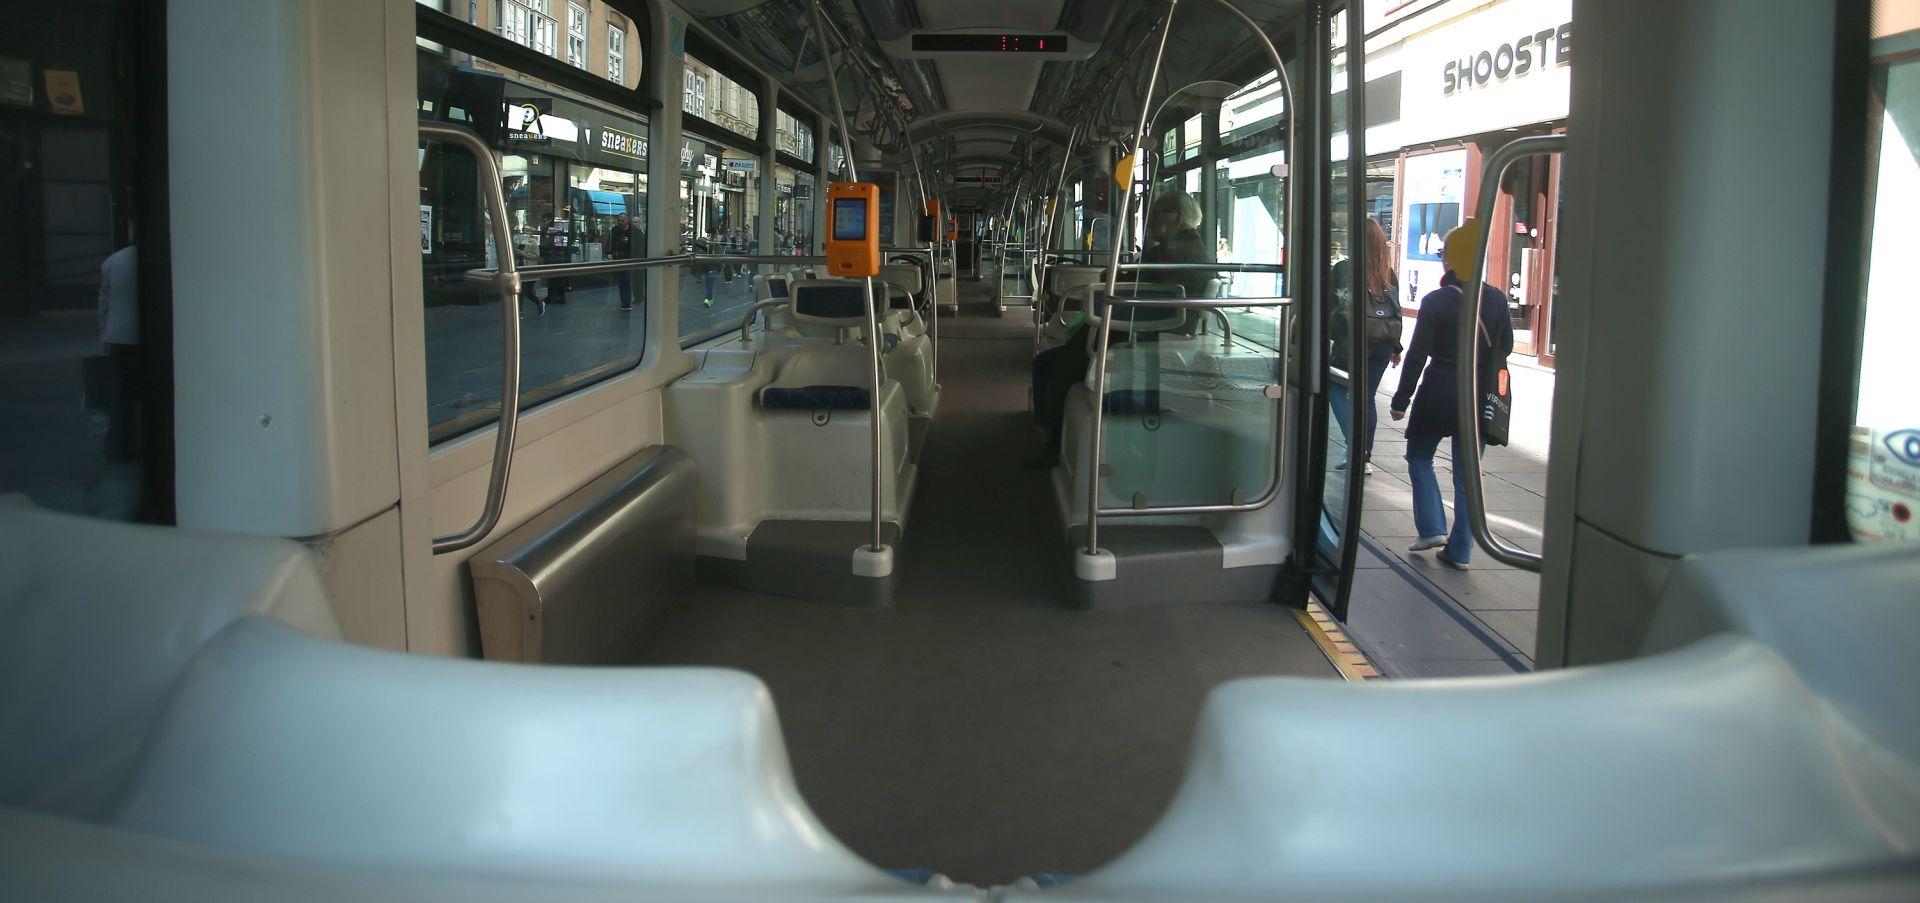 INCIDENT OKO PONOĆI Propucana stakla na dva tramvaja u Maksimirskoj